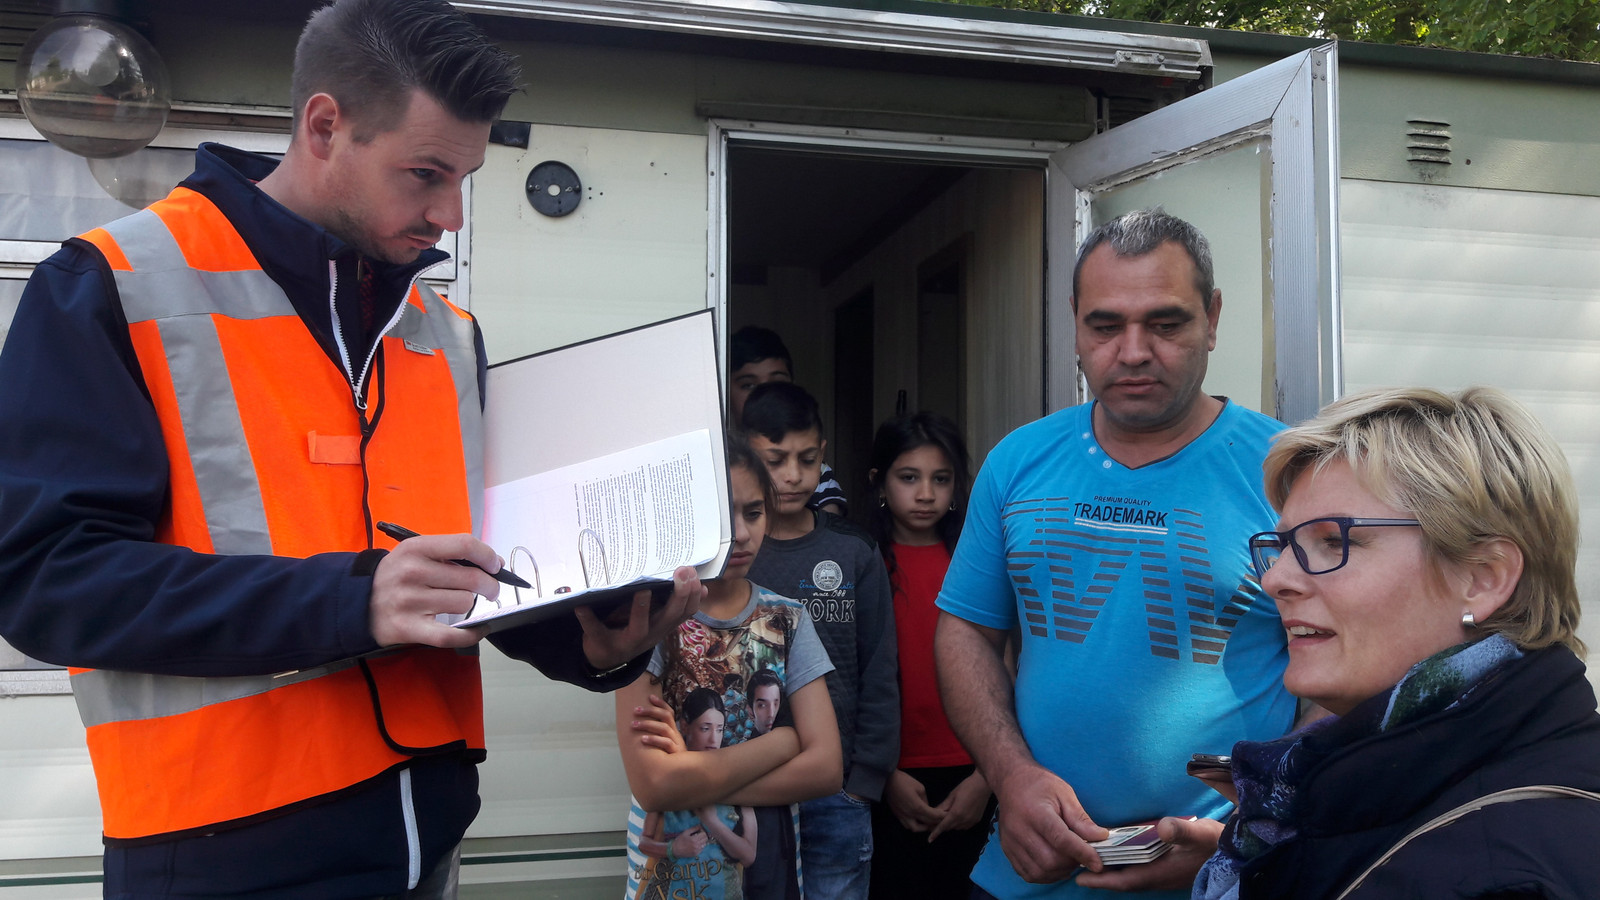 Een controle, in 2017, op camping Fort Oranje. Ambtenaren treffen onder meer vier leerplichtige kinderen aan die niet naar school gaan.